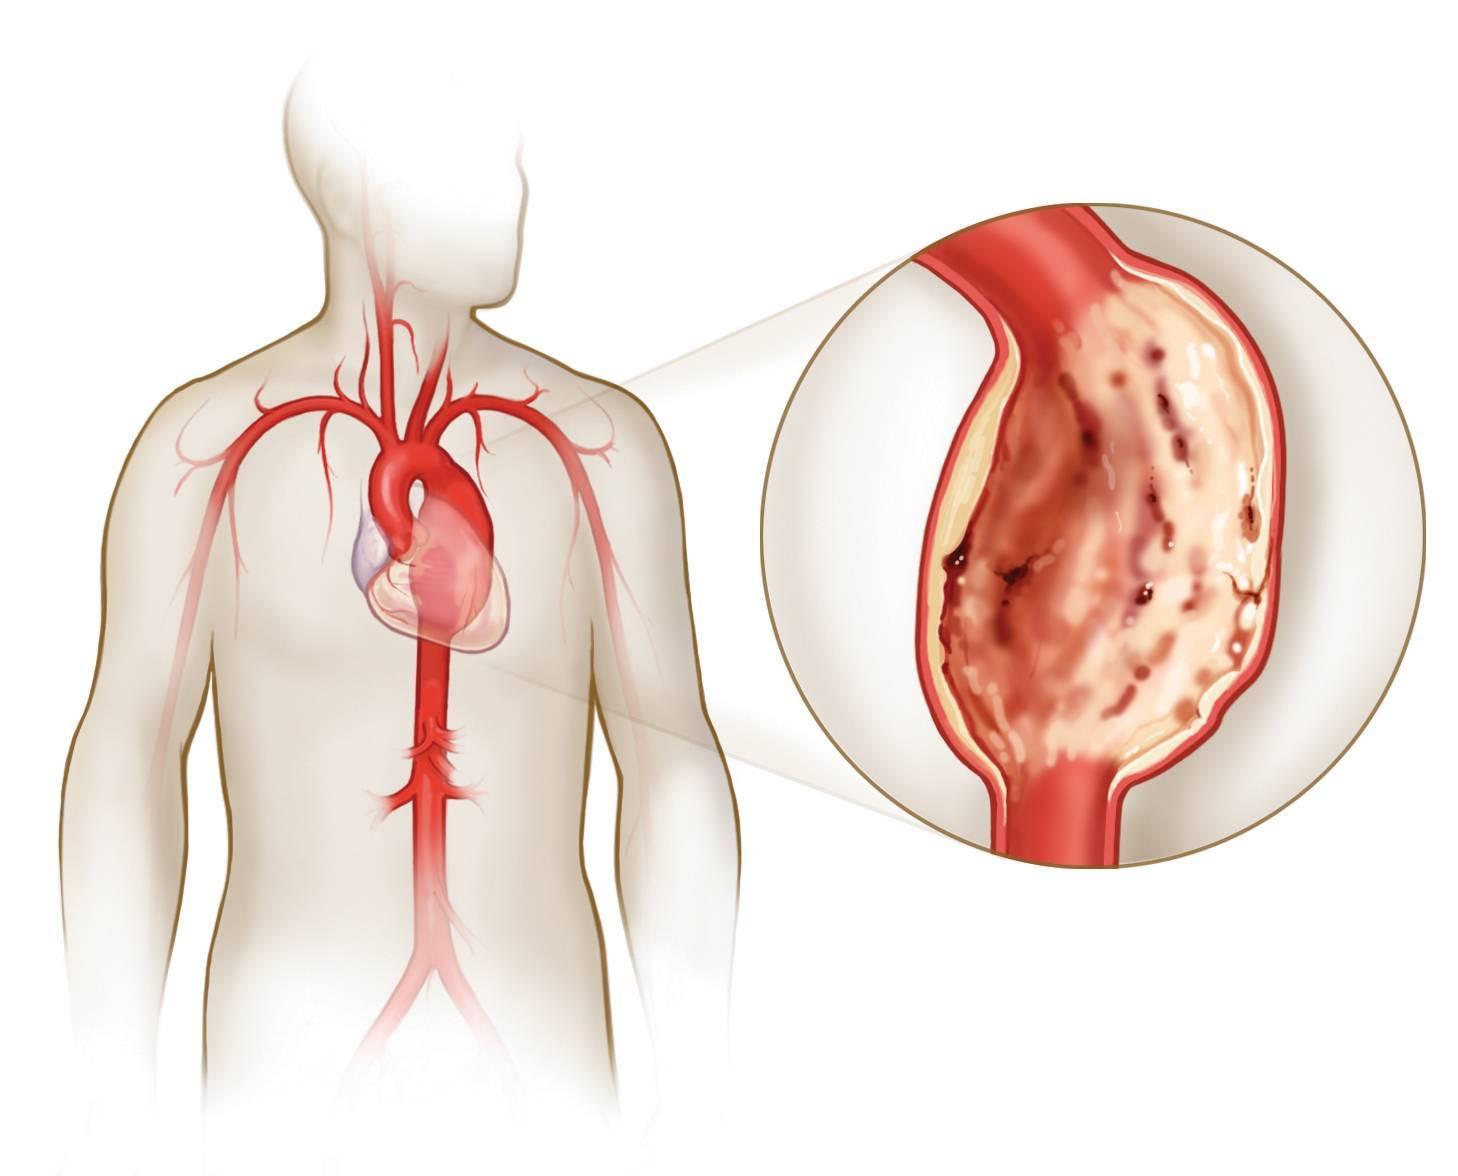 Пневмосклероз атеросклероз аорты что это